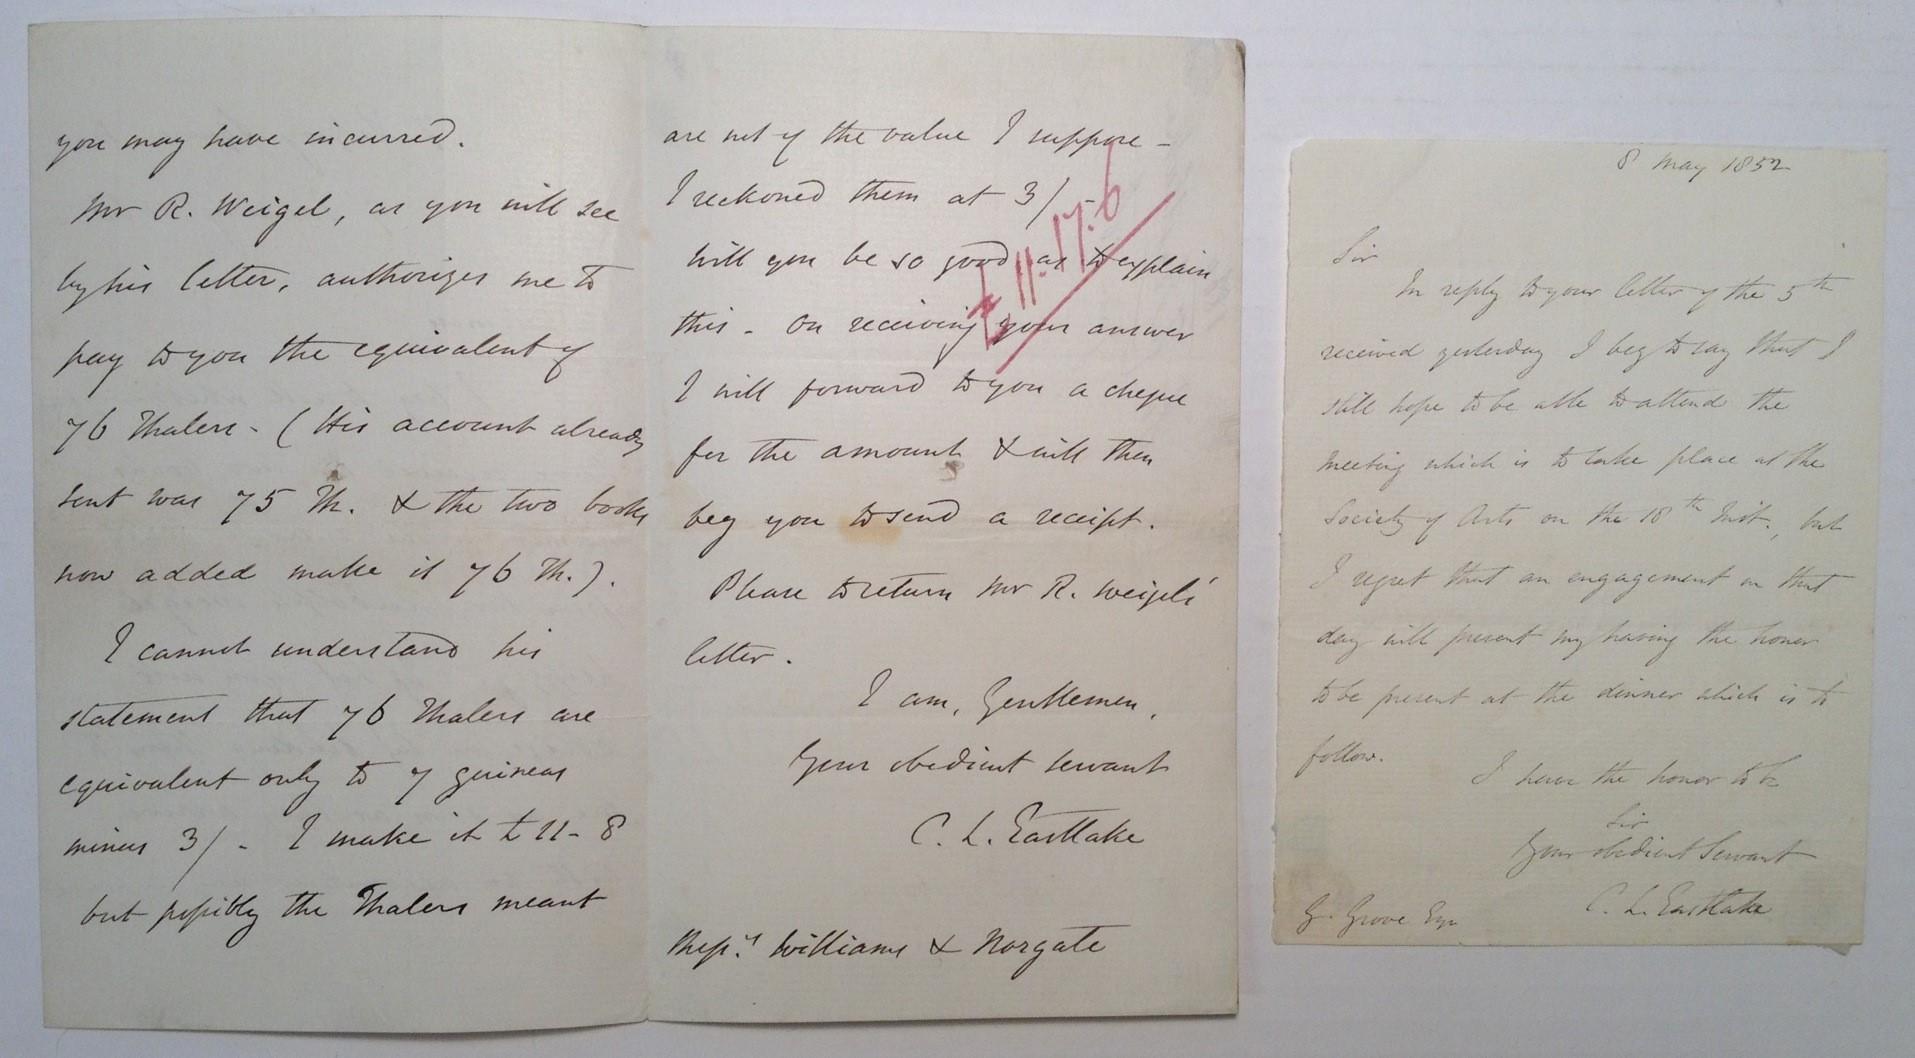 Vialibri Rare Books From 1860 Page 185